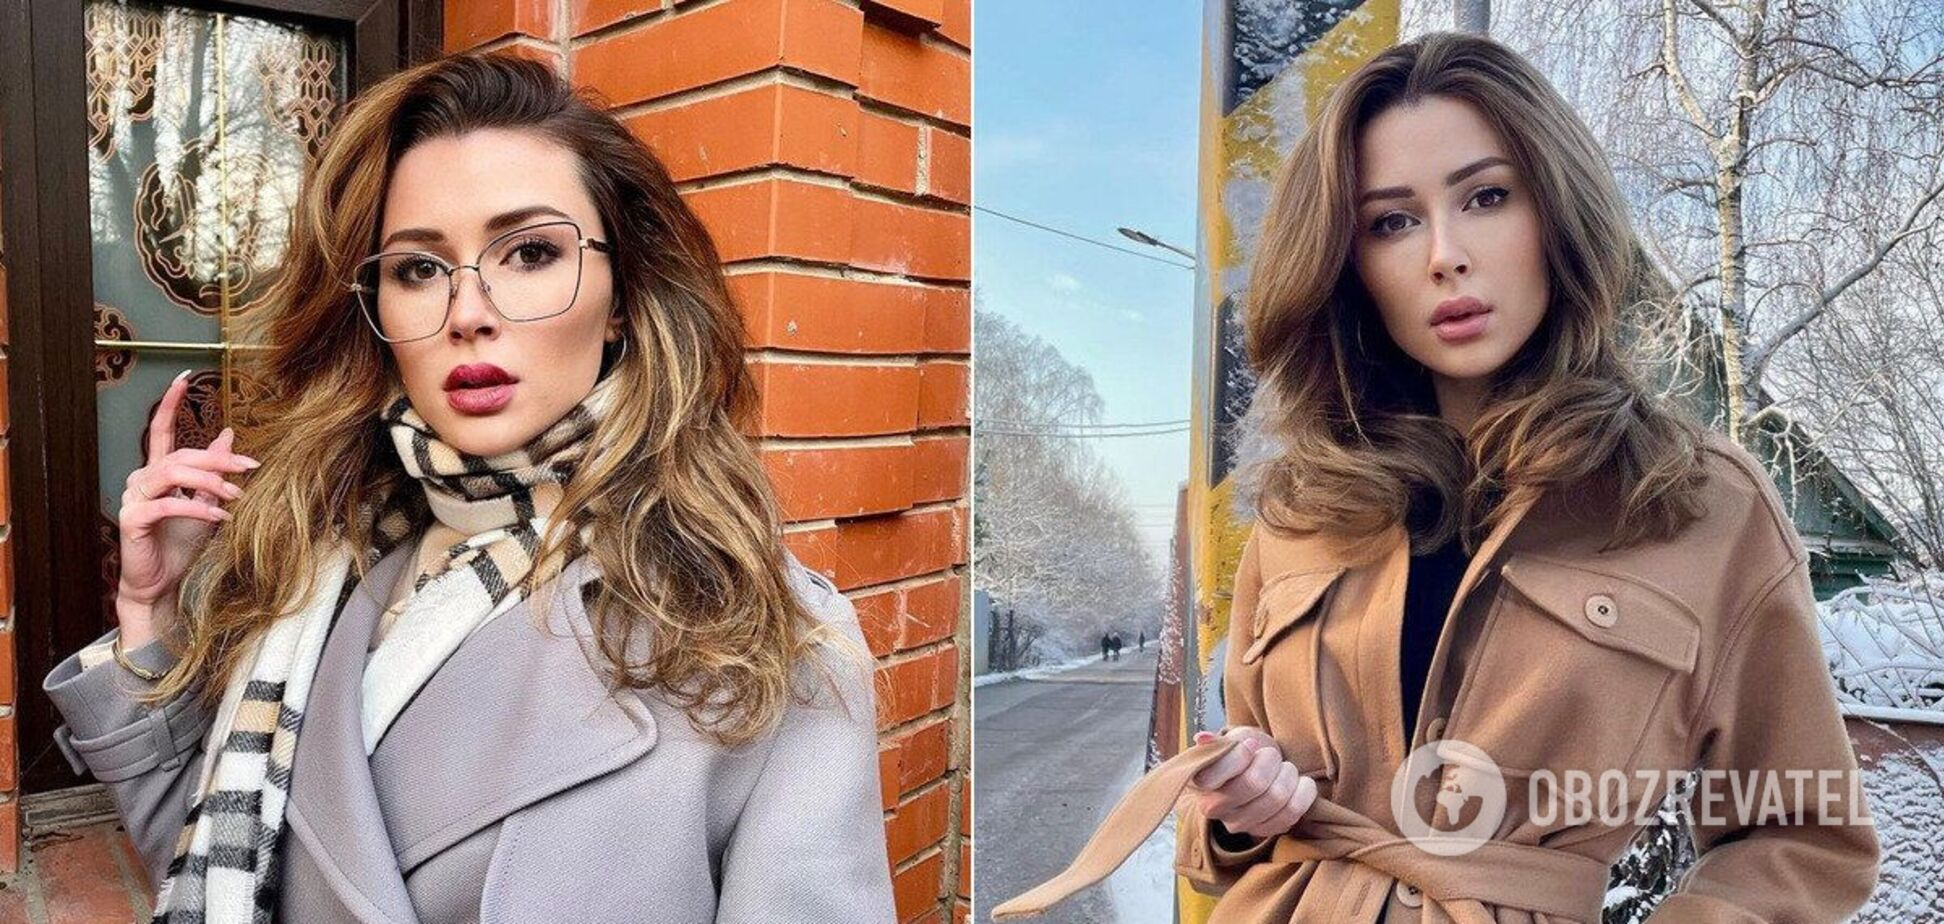 Донька Заворотнюк змінила колір волосся та здивувала схожістю з мамою